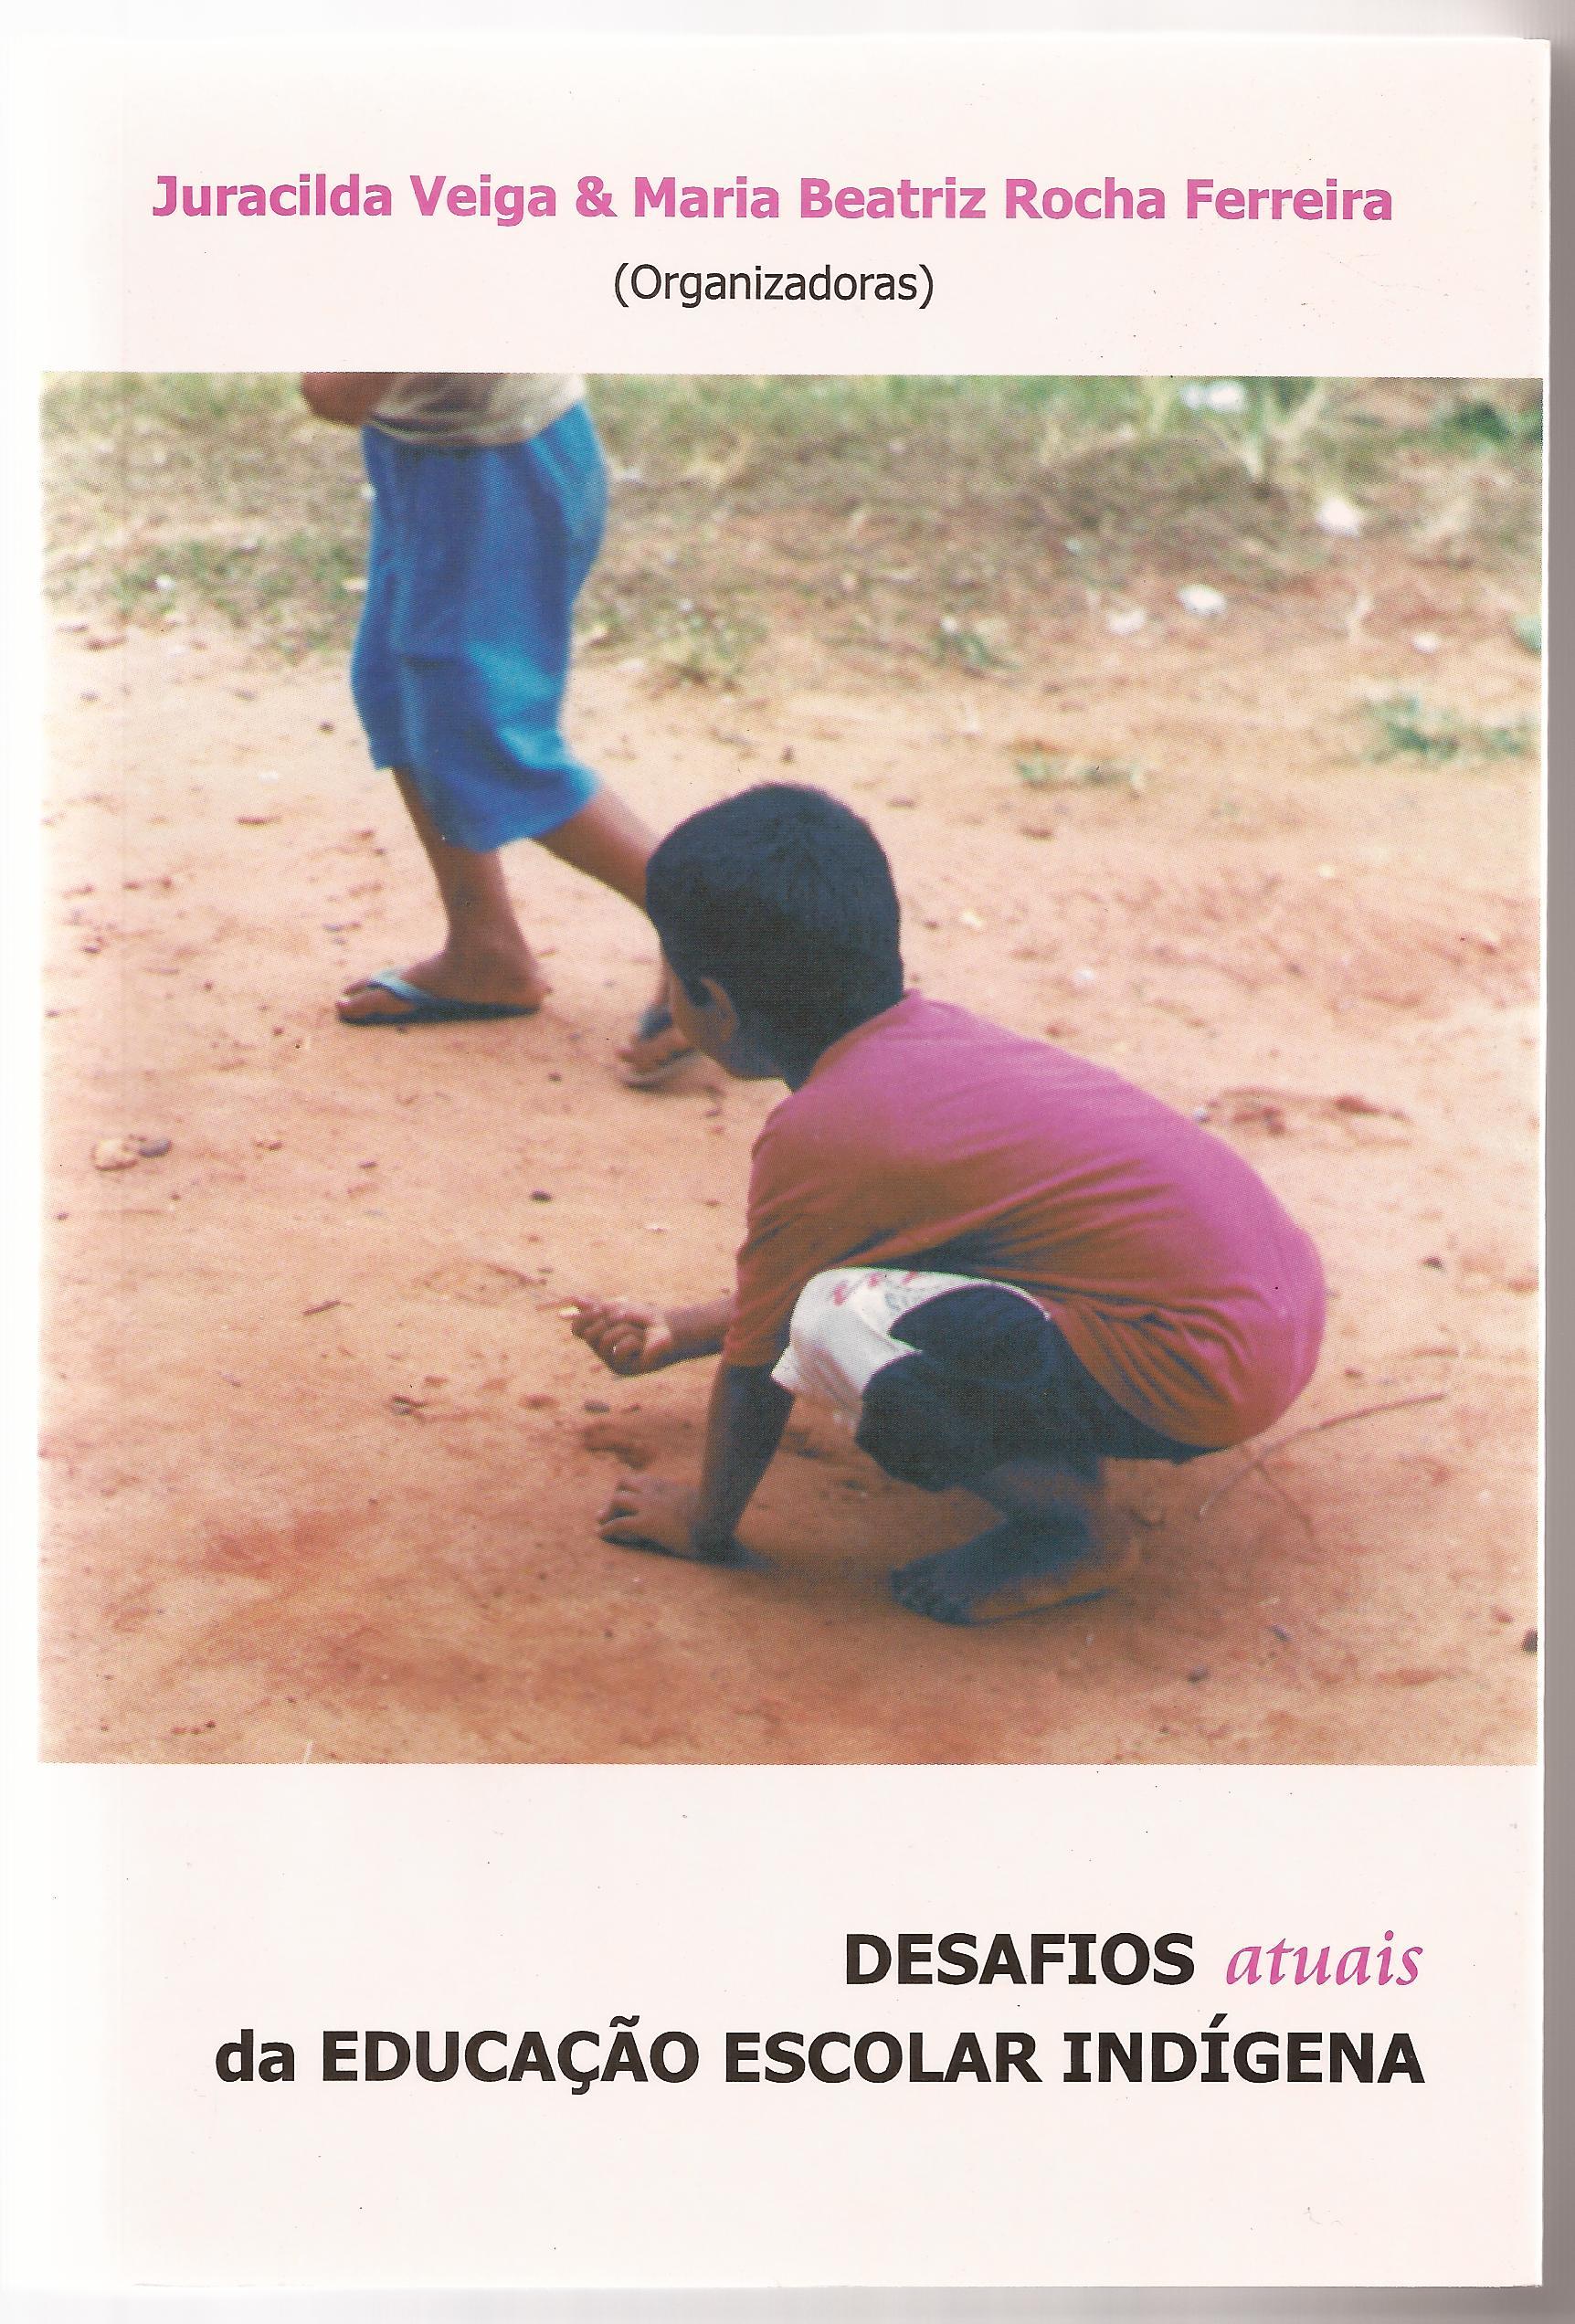 Desafios atuais da Educação Escolar Indígena